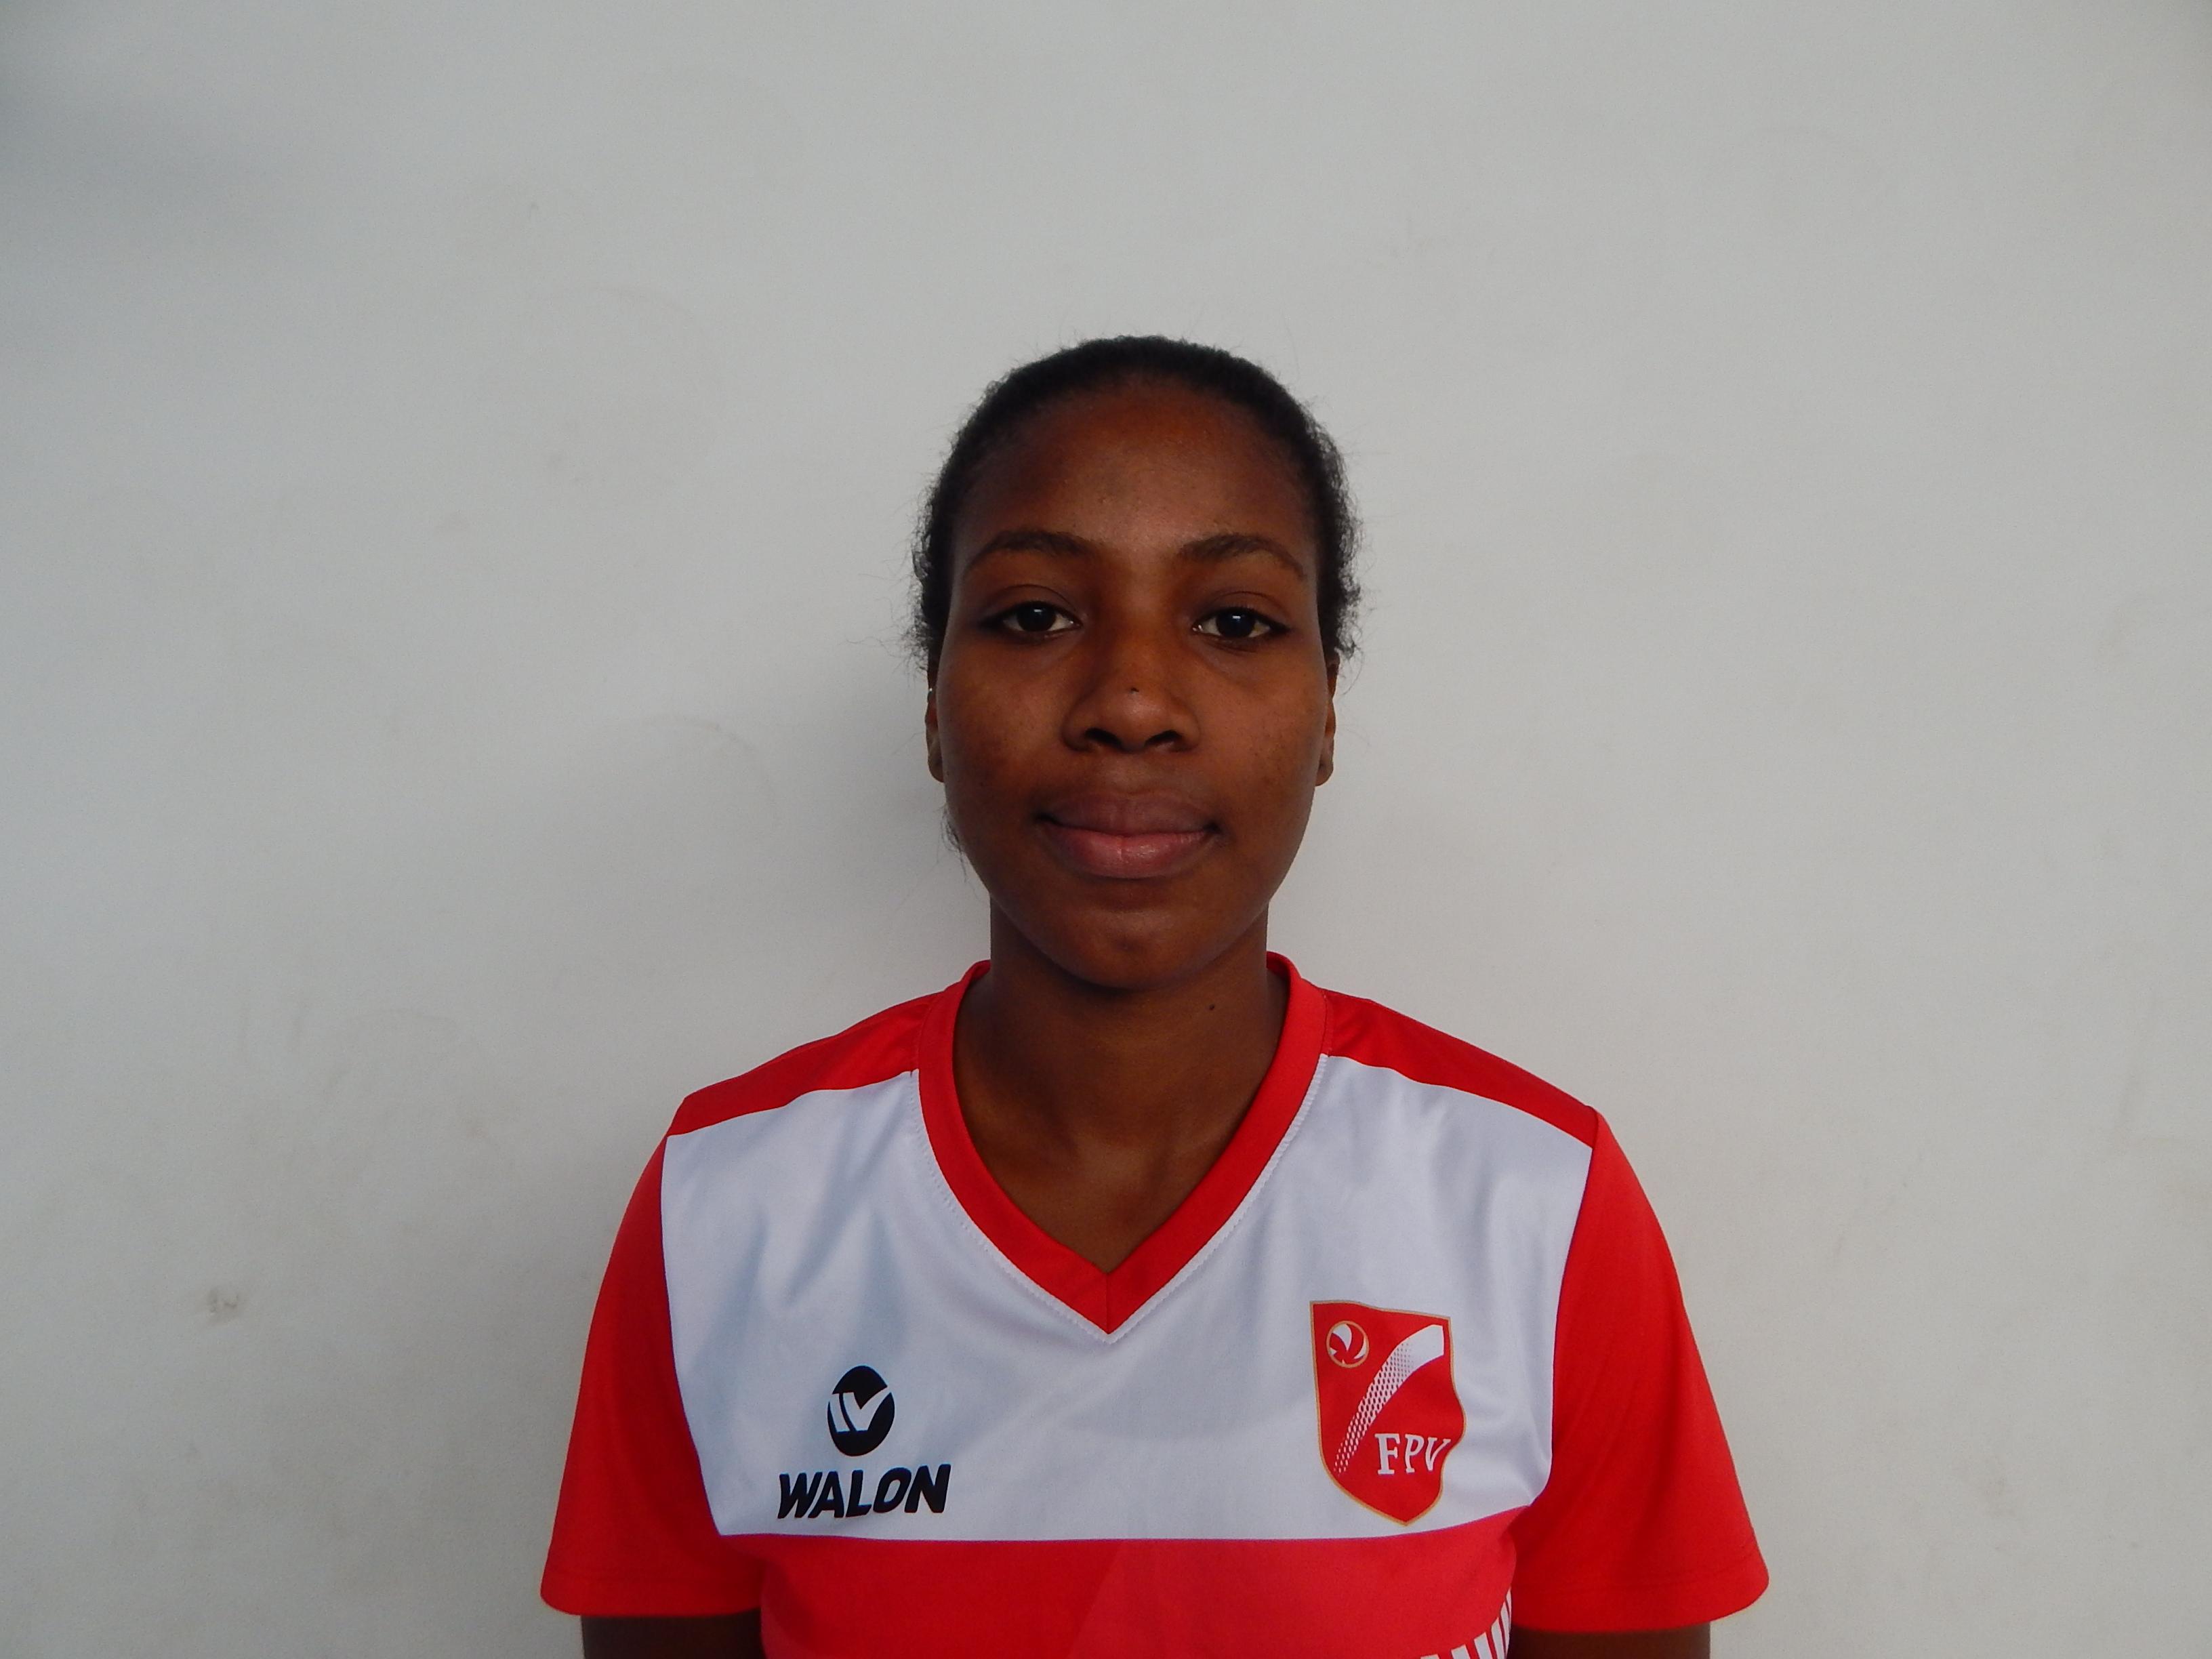 Andrea Urrutia